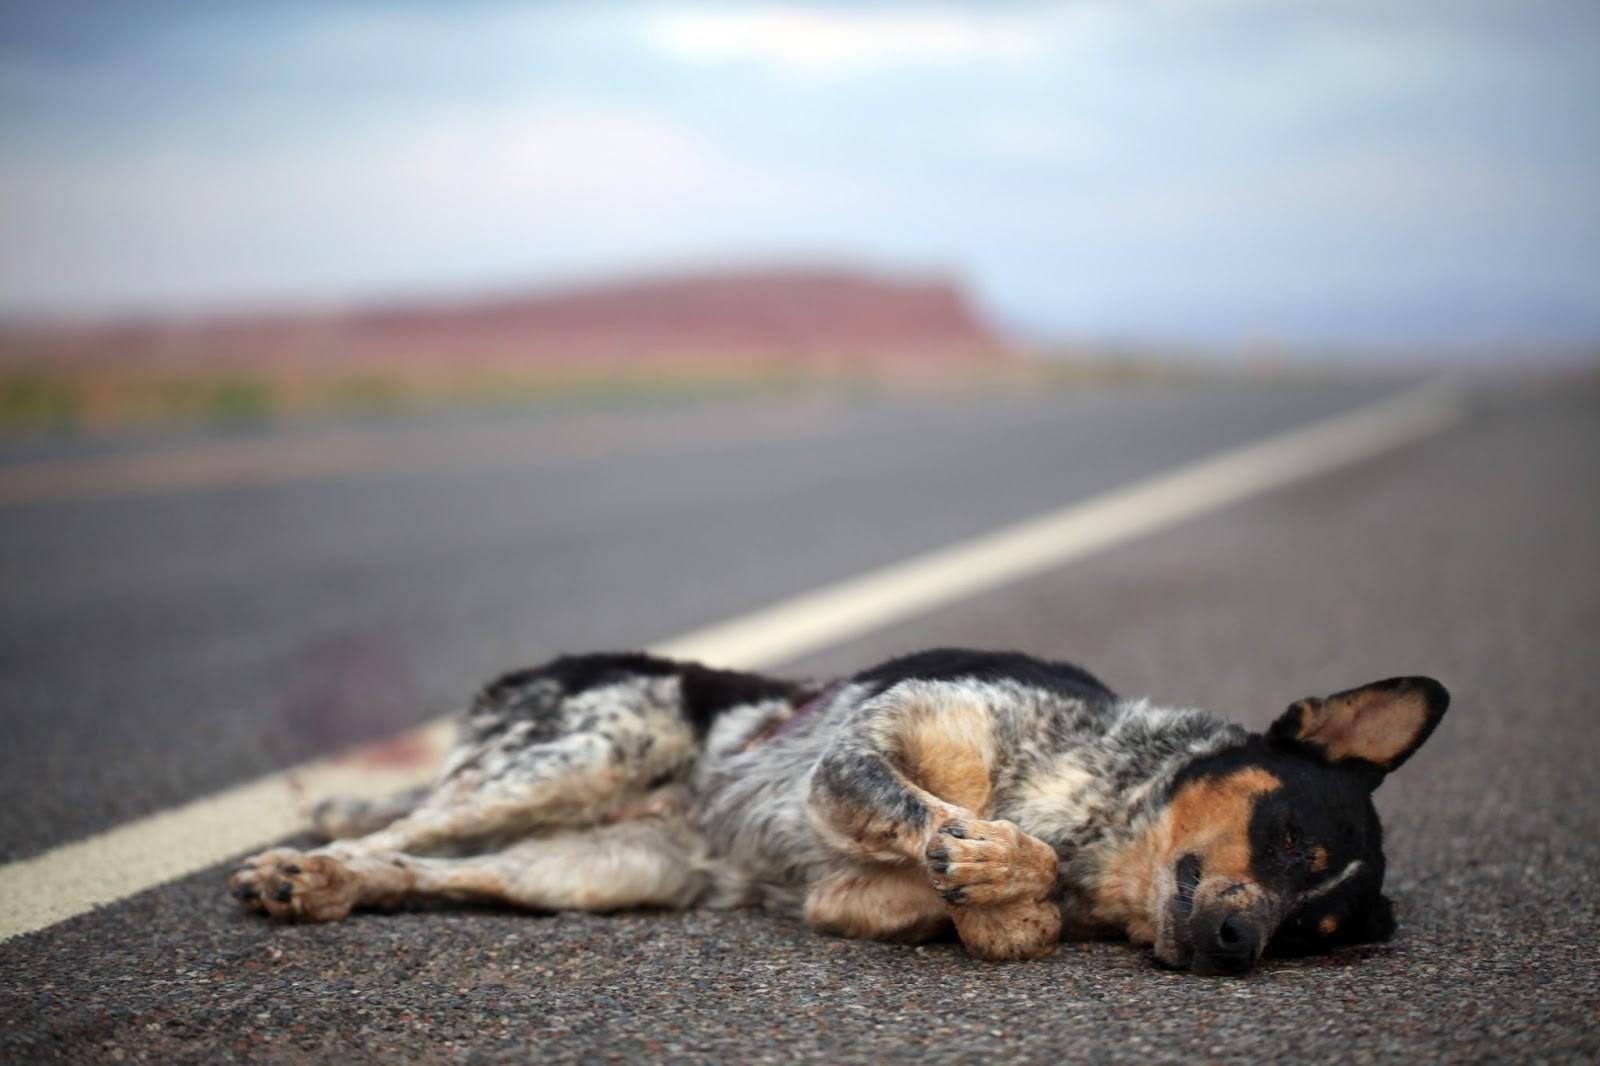 Animales atropellados en Madrid: de la carretera al olvido